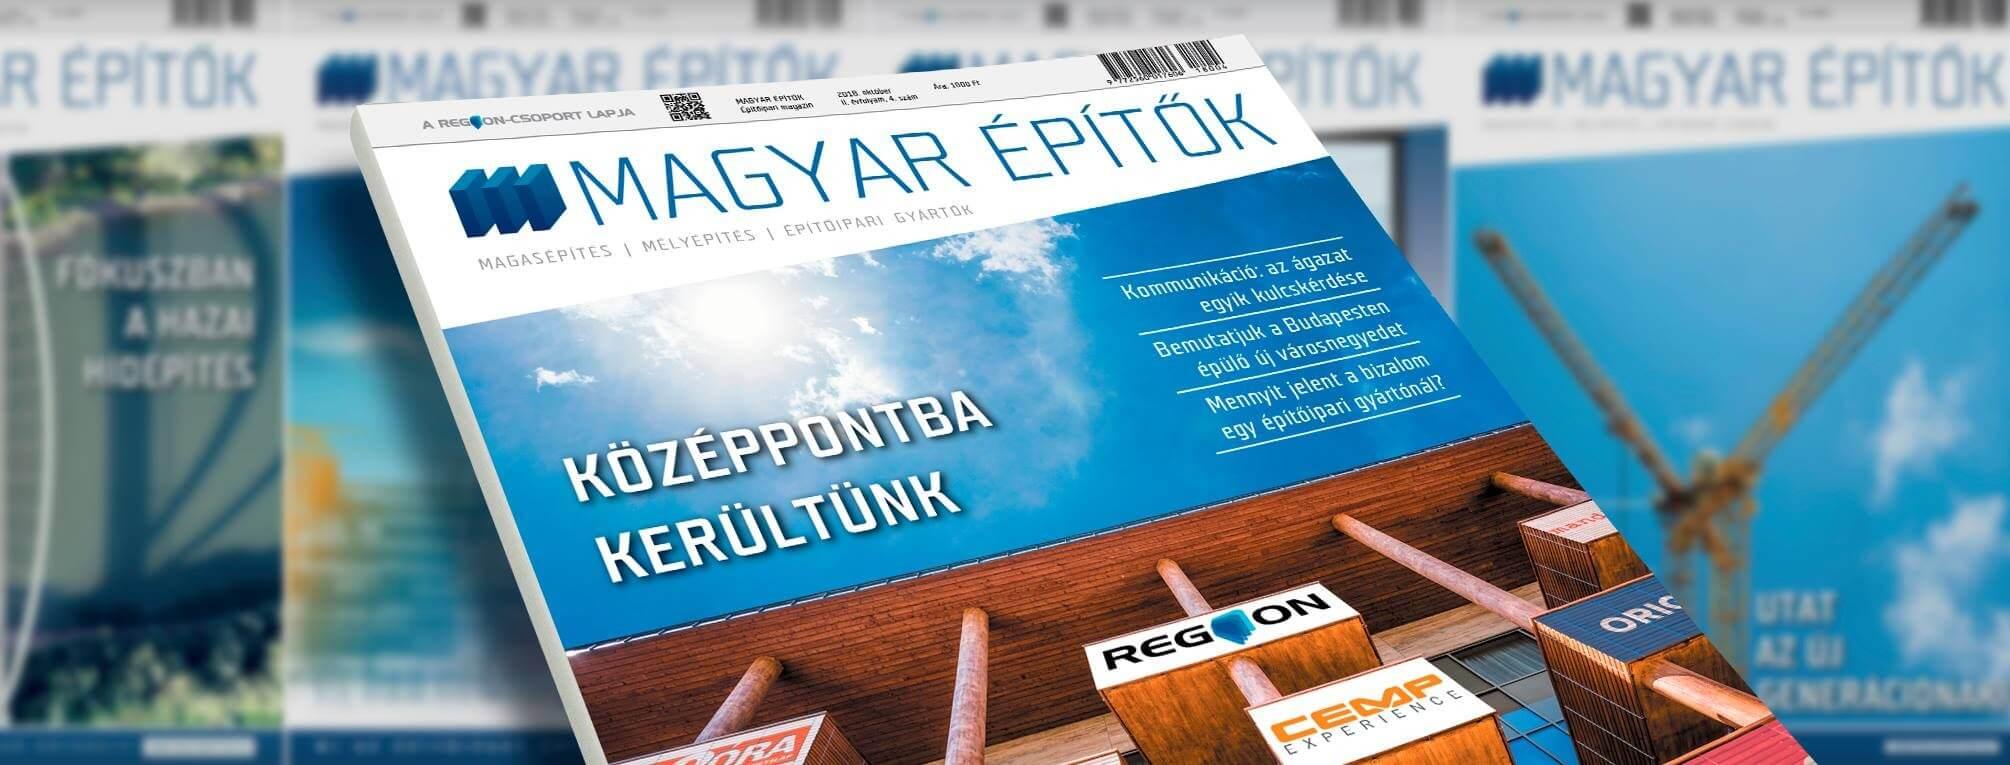 Mi lehet a magyar építőipar csodafegyvere?